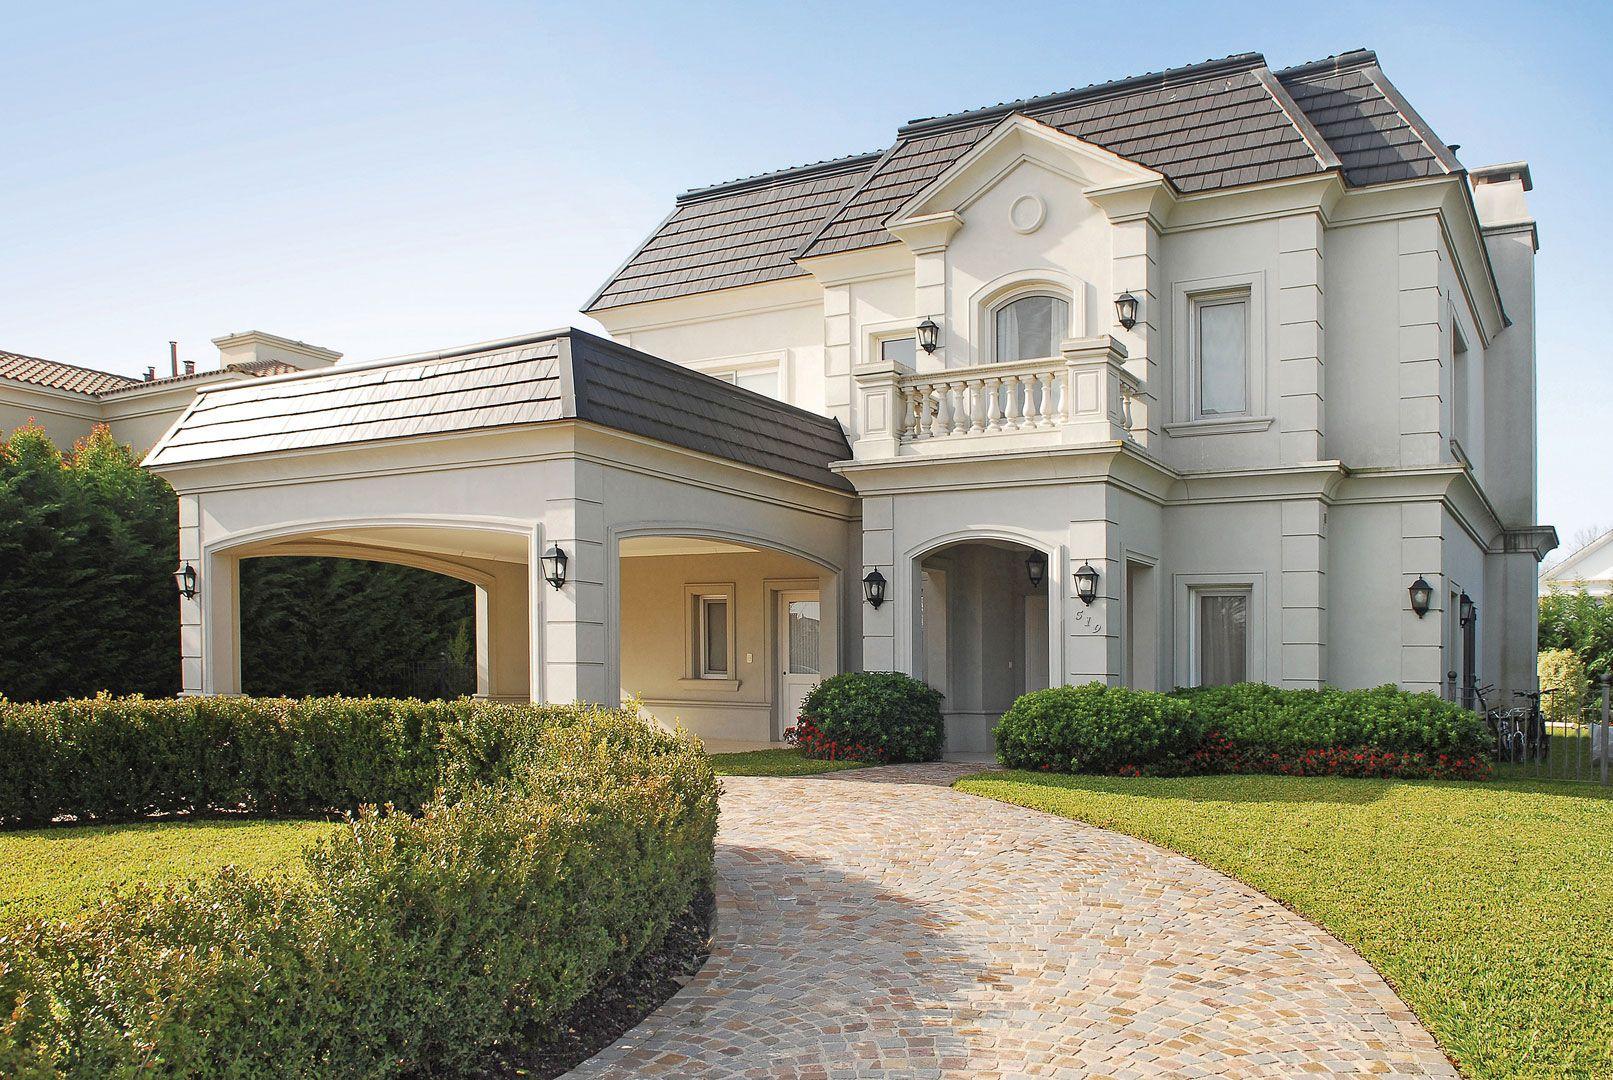 Fern ndez borda arquitectura ahmet house design for Fachadas de casas estilo clasico